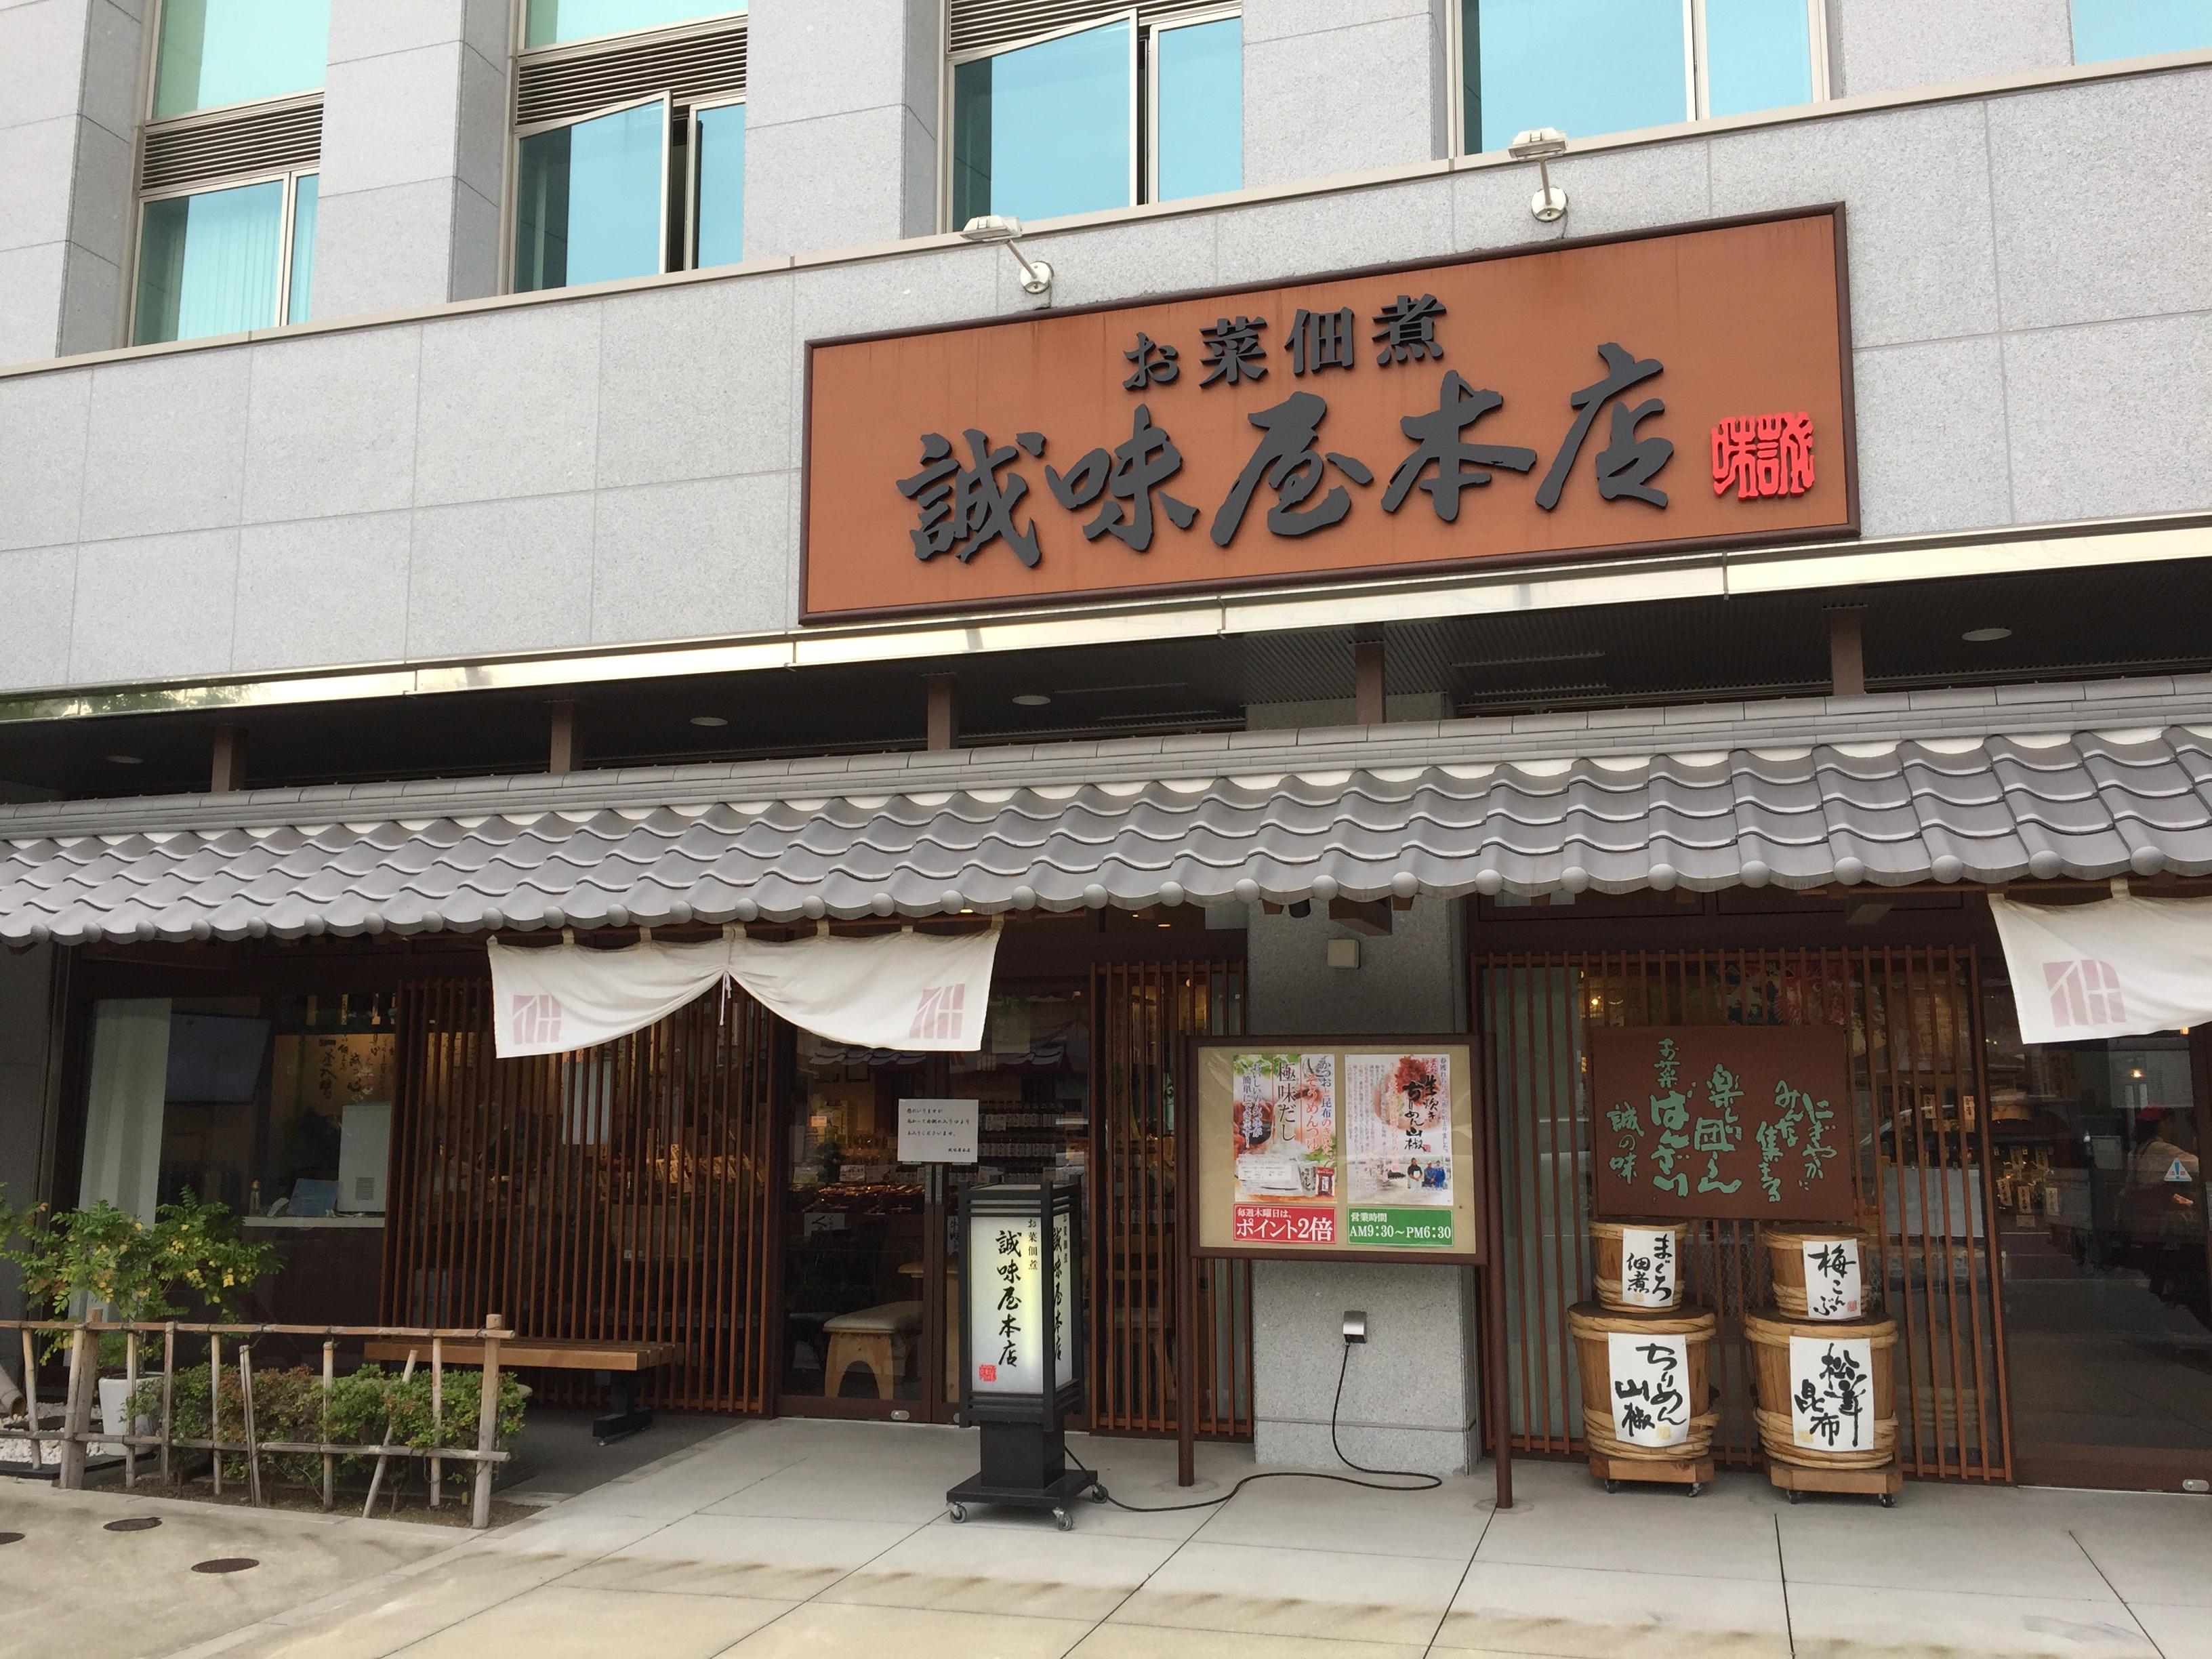 佃煮で有名な神戸・御影の誠味屋本店さんを訪問したよ ※購入写真レポあり